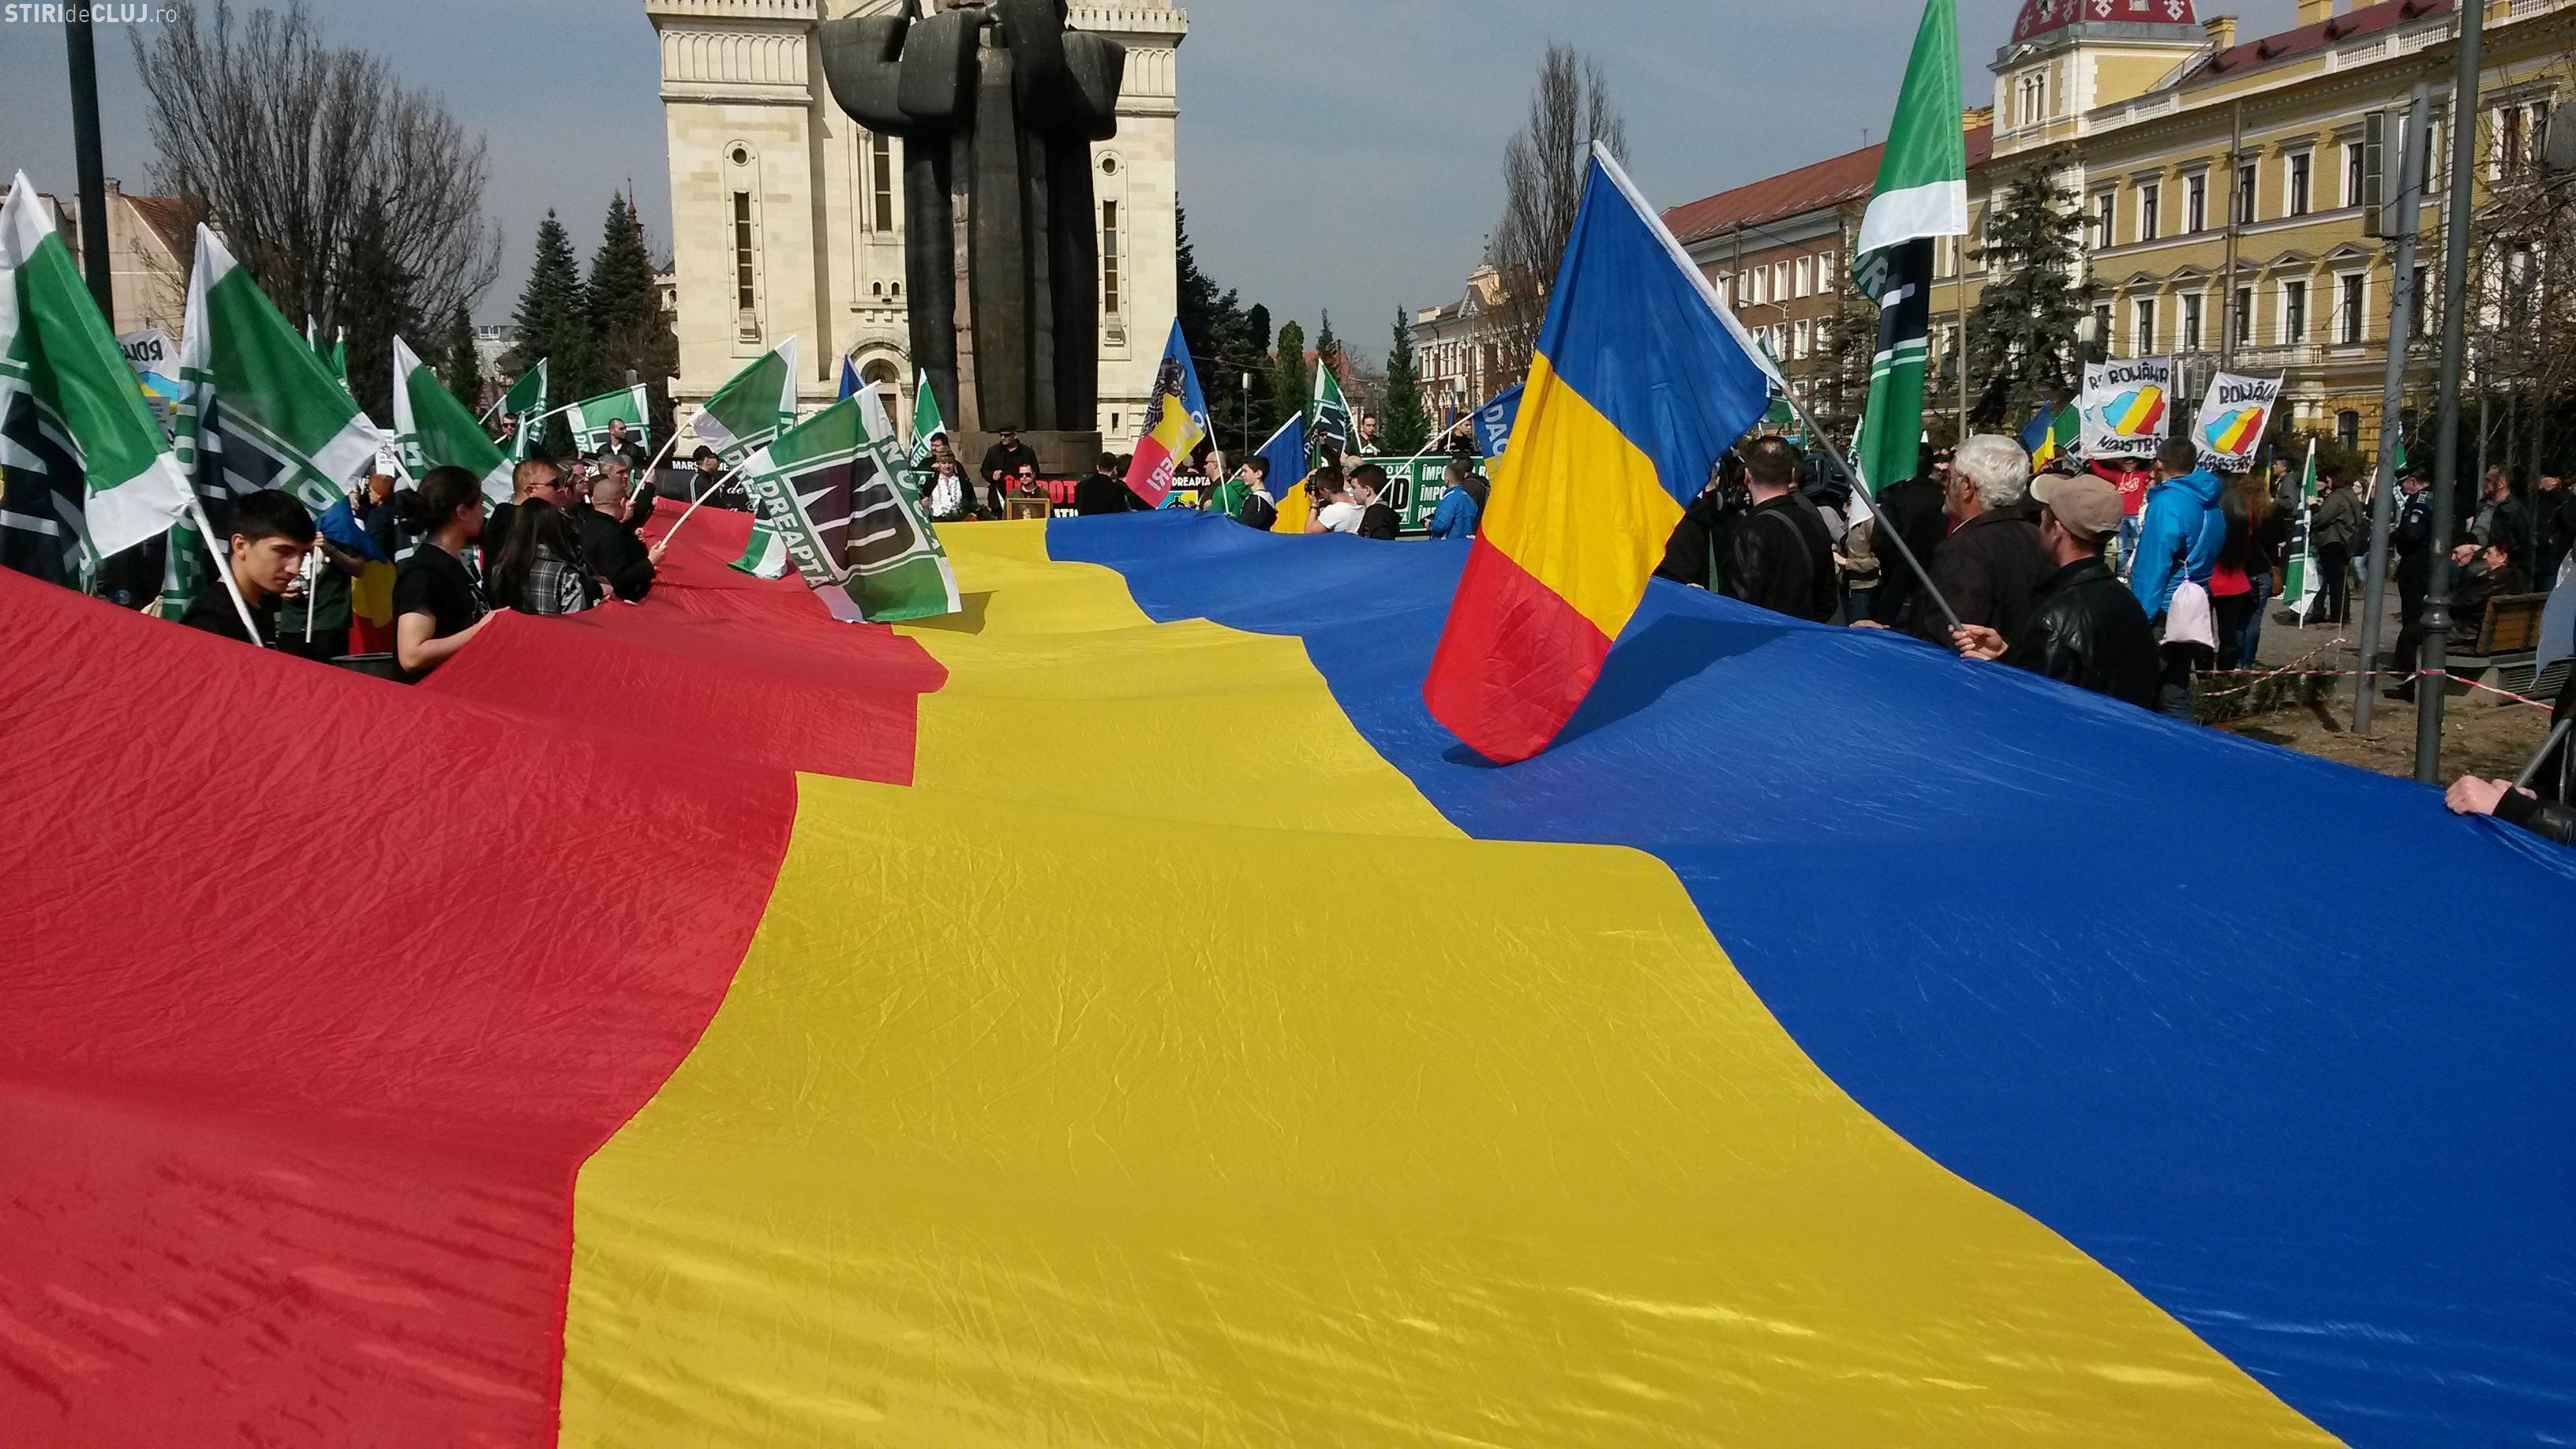 Noua Dreaptă iese în stradă sâmbătă, după marșul gay: Apărăm valorile naționale